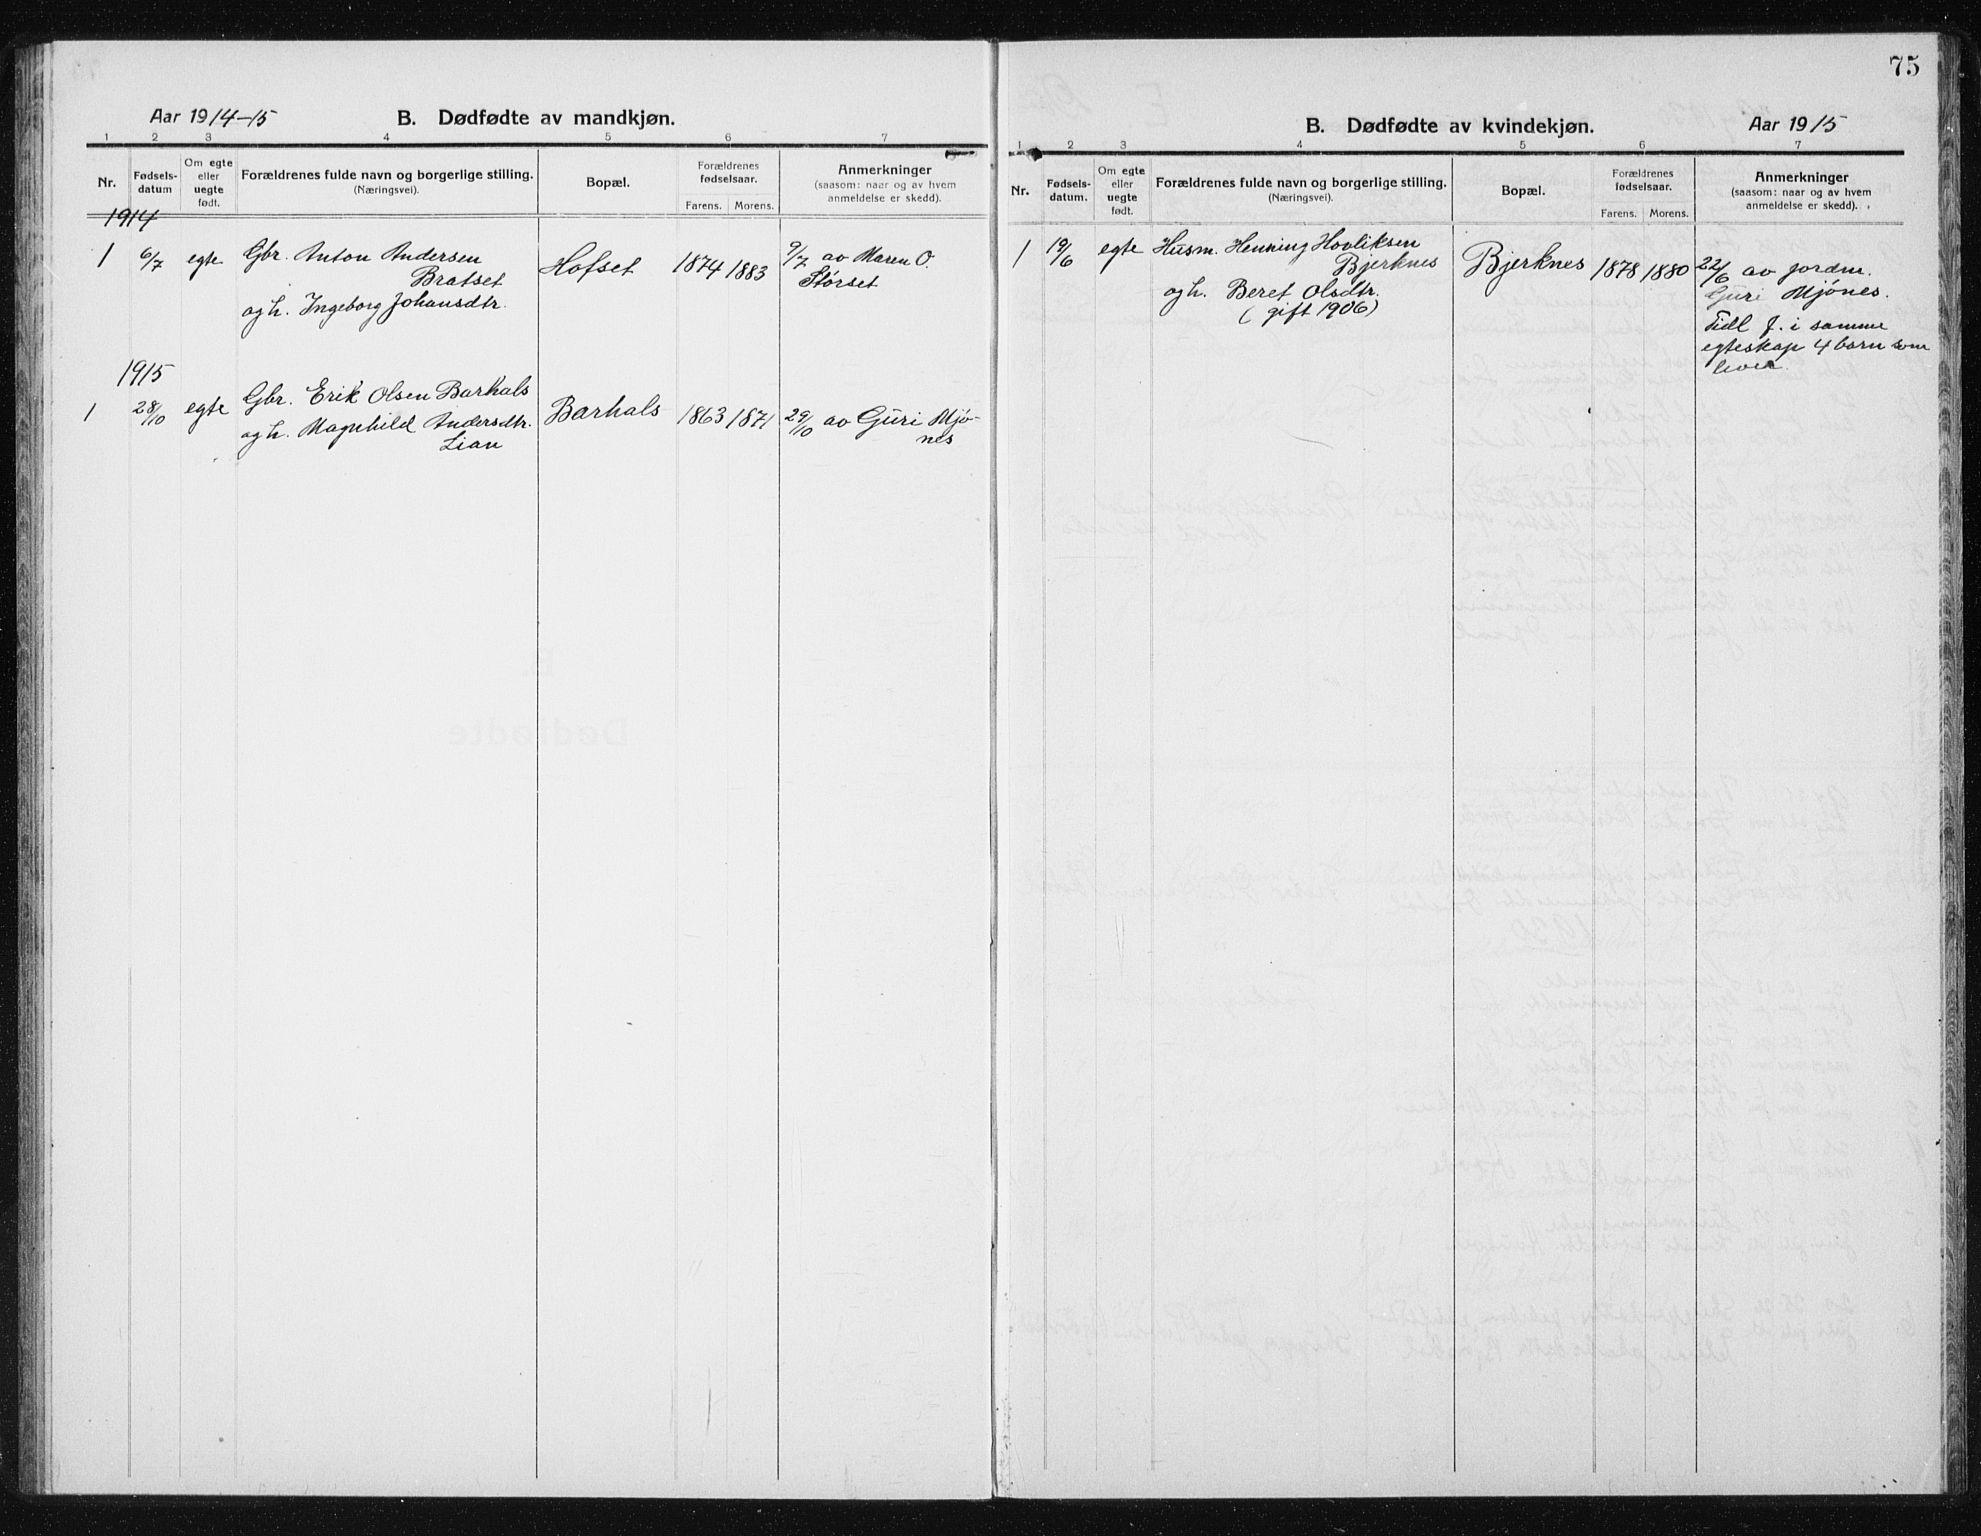 SAT, Ministerialprotokoller, klokkerbøker og fødselsregistre - Sør-Trøndelag, 631/L0515: Klokkerbok nr. 631C03, 1913-1939, s. 75